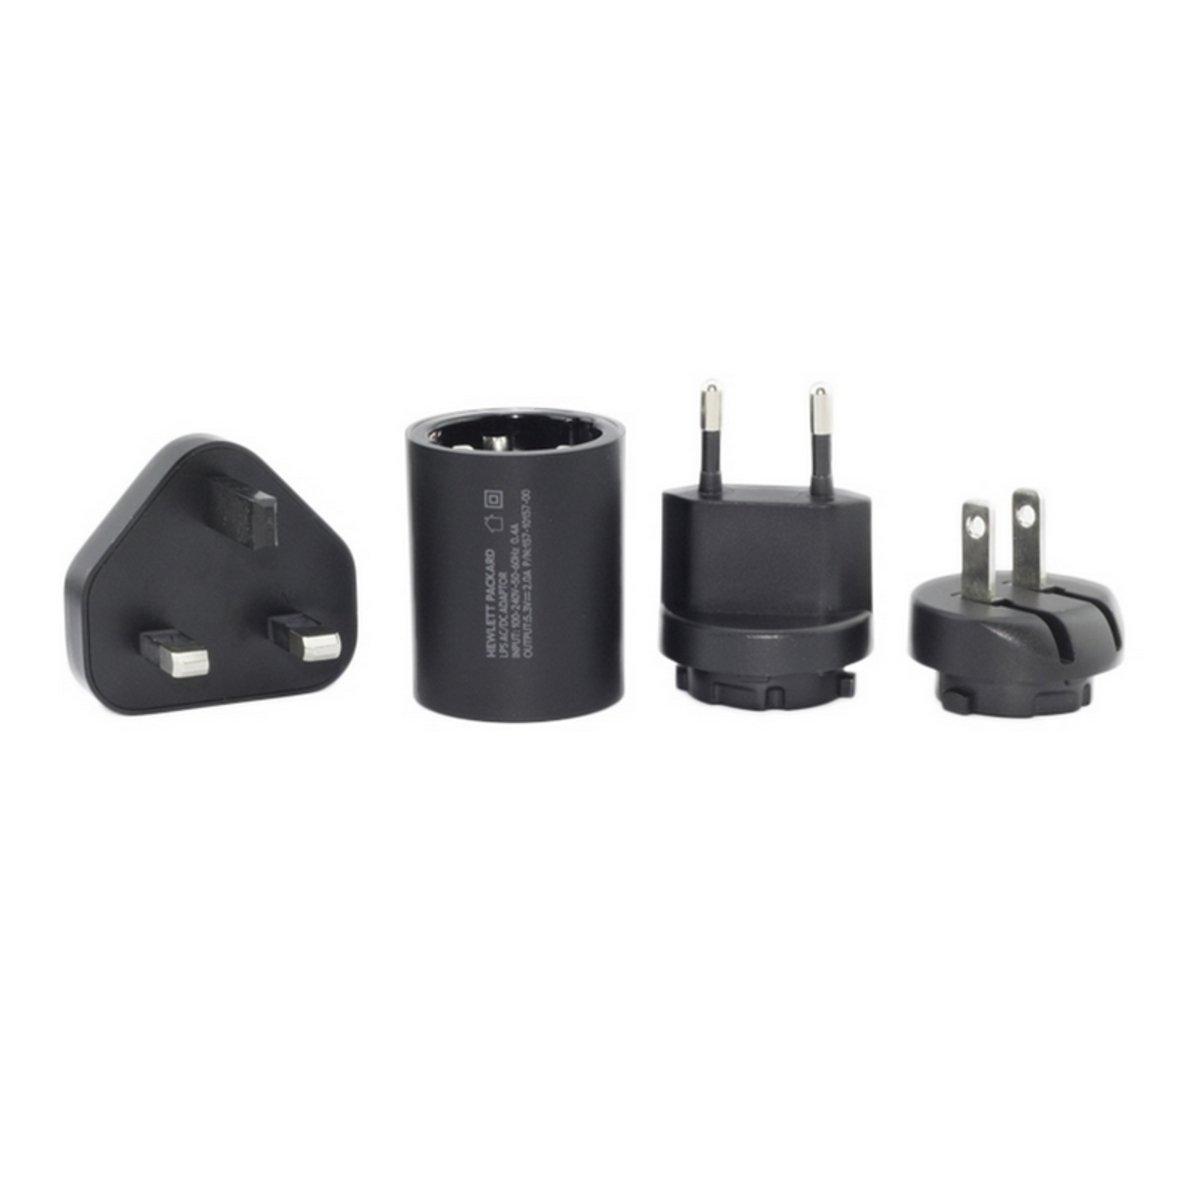 2.1A USB 旅行充電器套裝 (可換插腳)